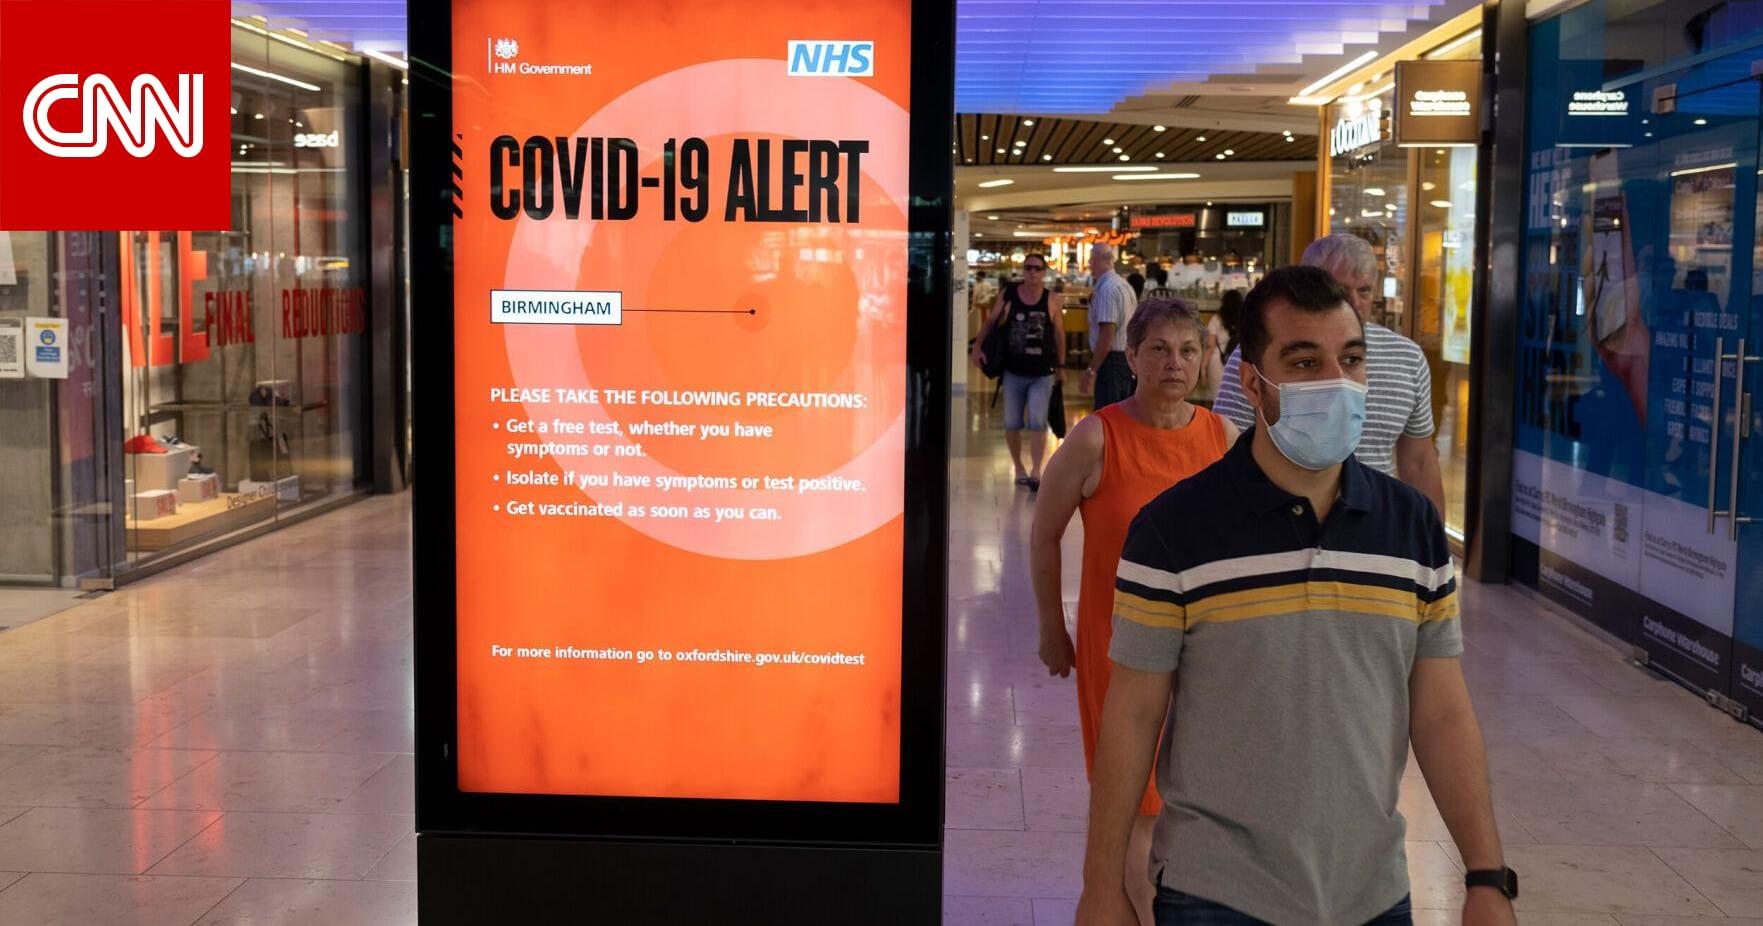 أمريكا تحذر مواطنيها من السفر إلى المملكة المتحدة بسبب كورونا